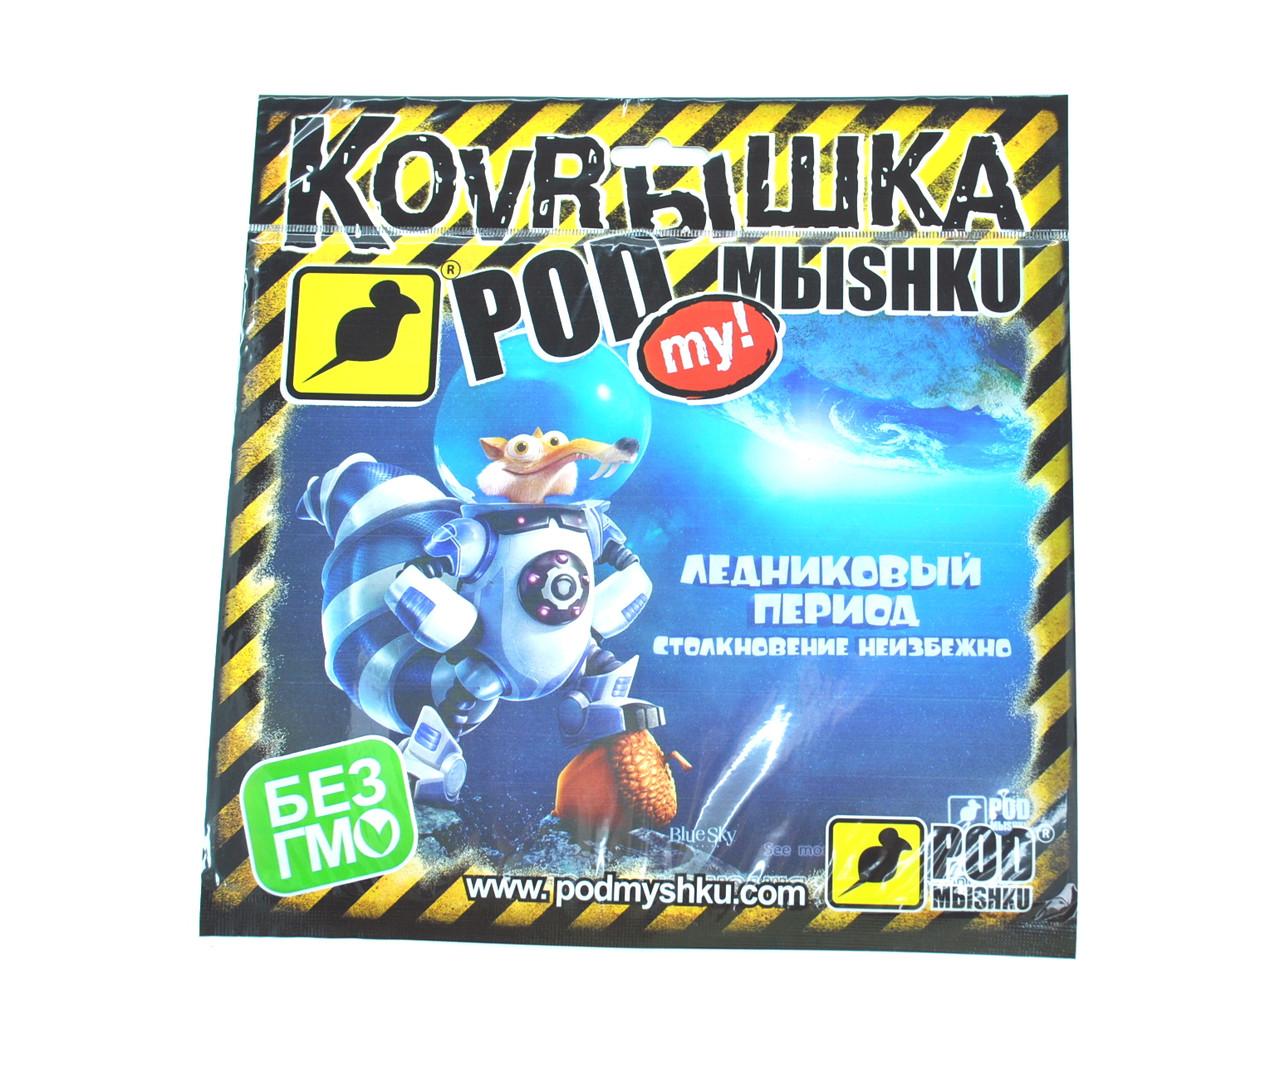 Коврик для мыши Podmyshku в асортименте